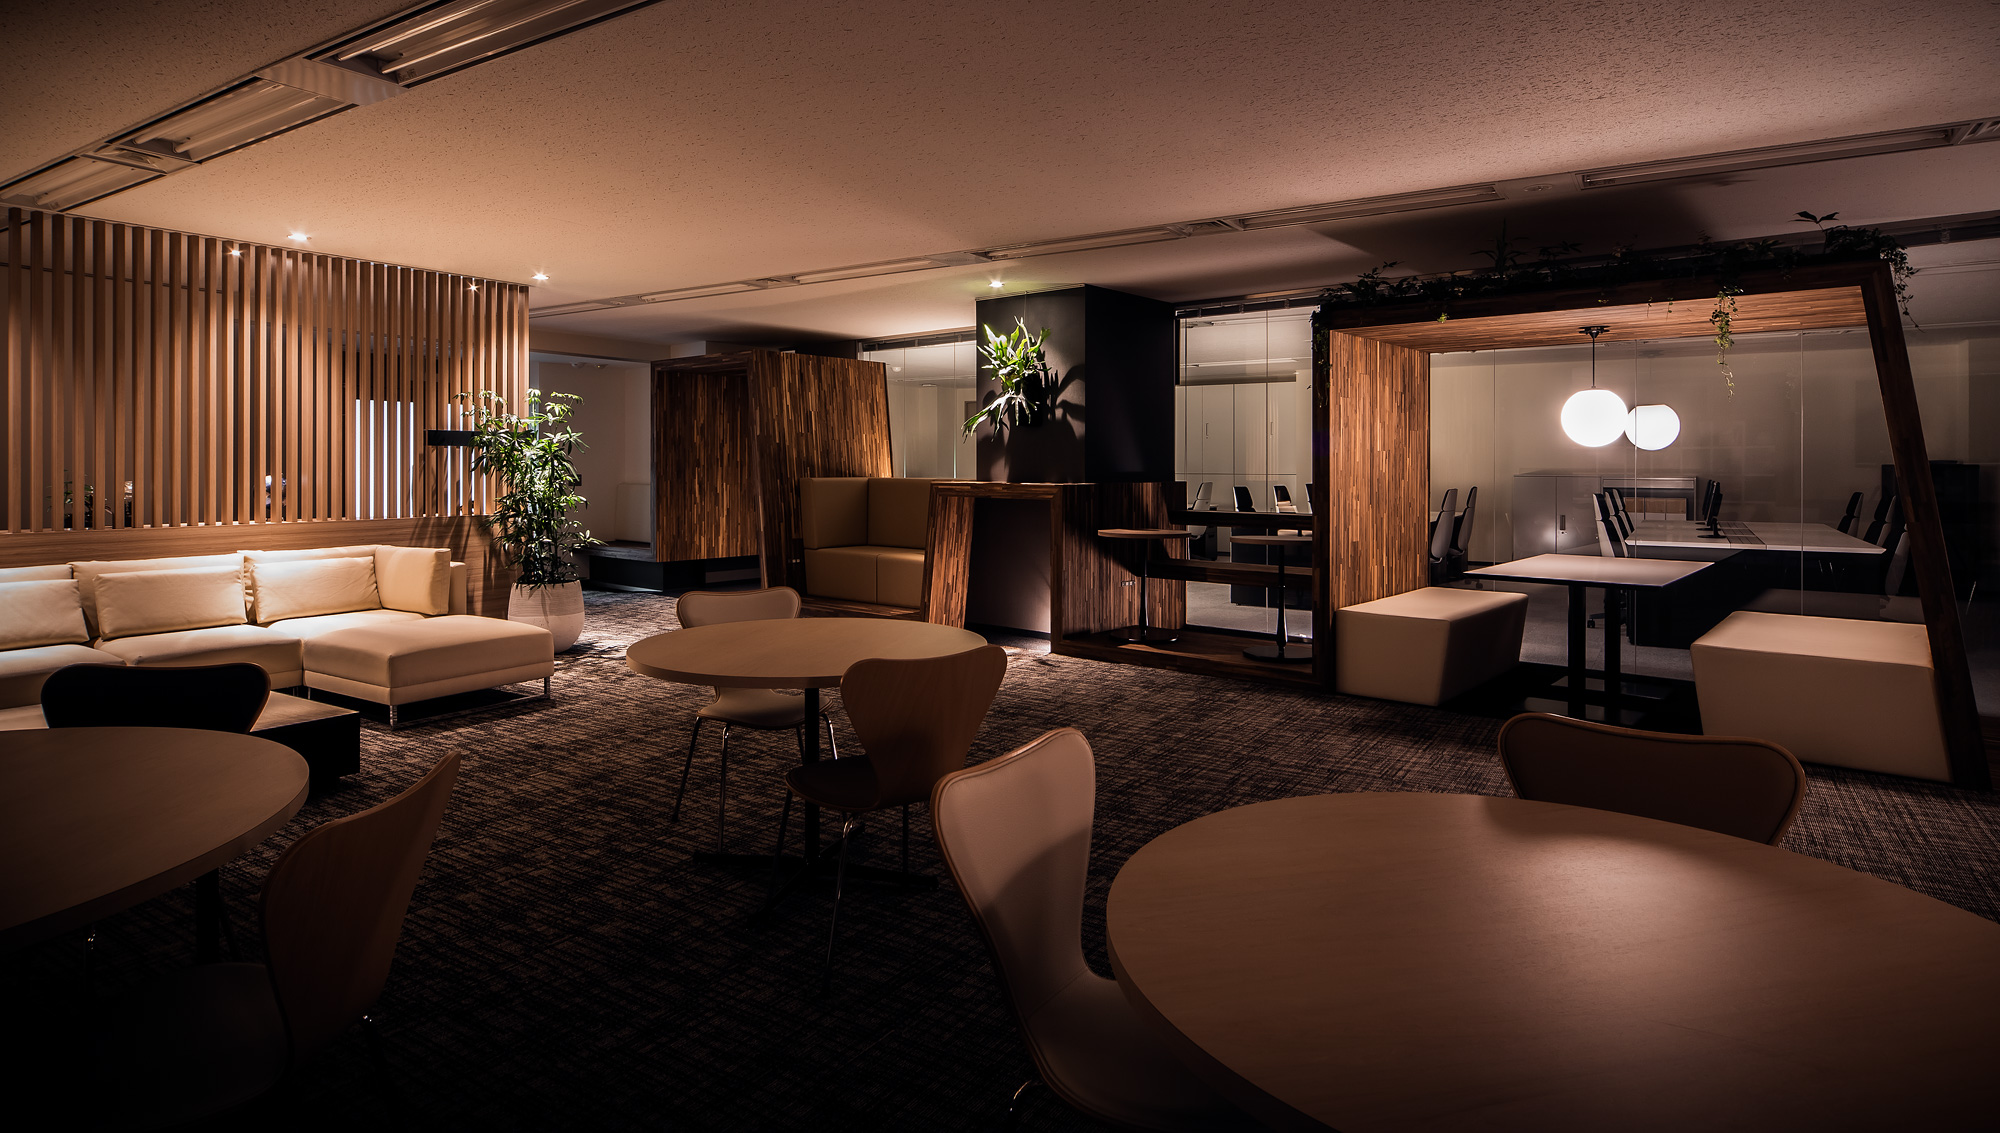 ラウンジ: 夜のラウンジは照明を落としてお酒を片手に交流できるスペースとなります